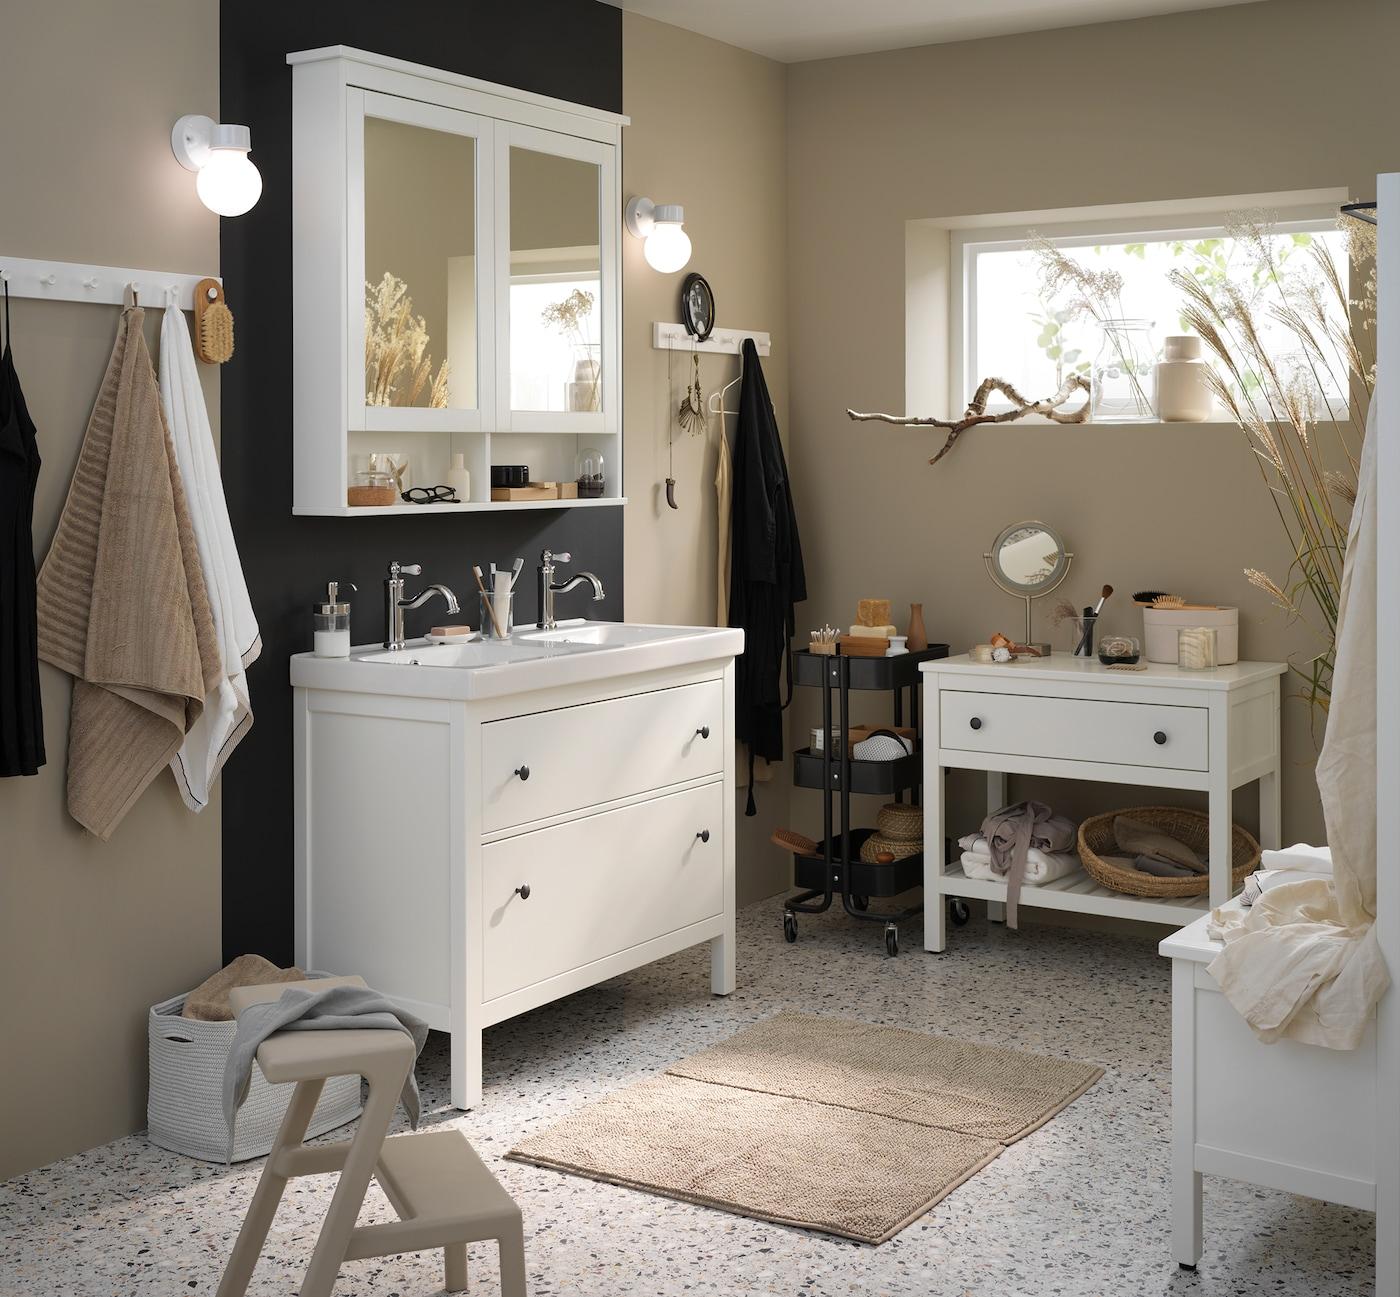 Hemnes Serie Ikea : bad mit hemnes serie modern einrichten ikea deutschland ~ Yuntae.com Dekorationen Ideen